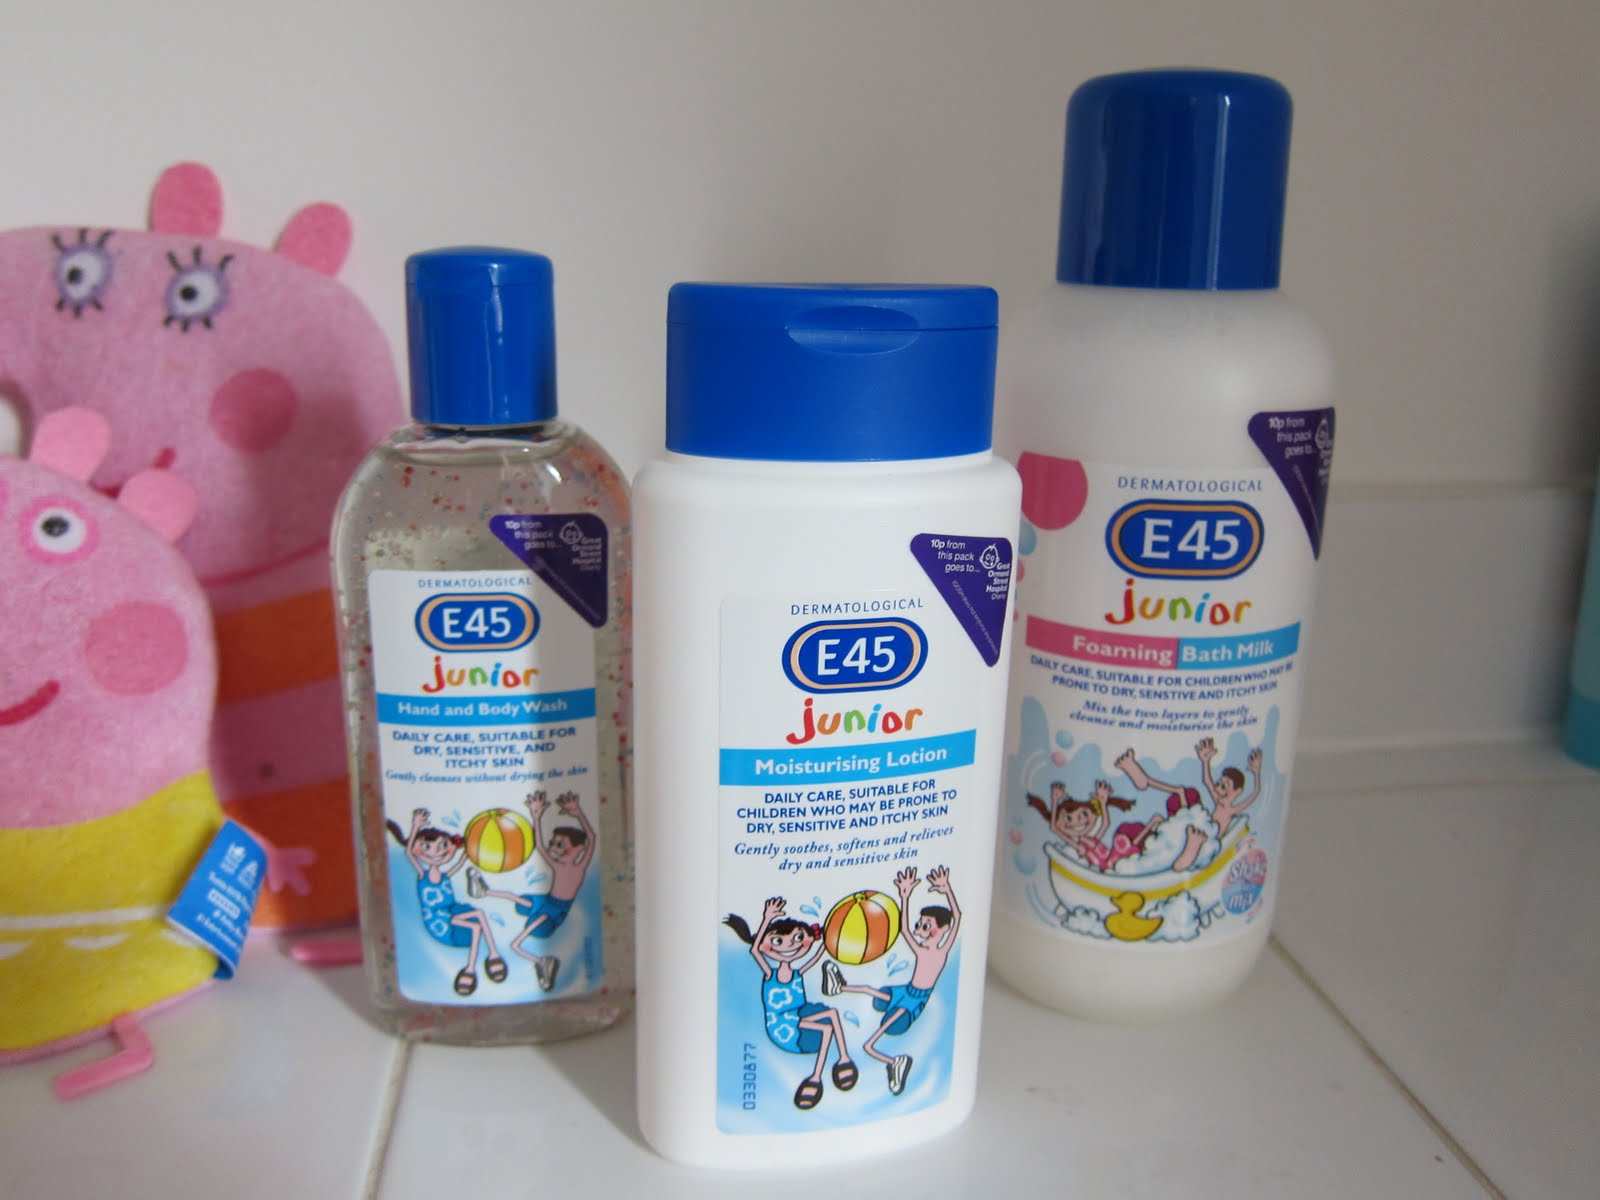 英国E45保湿霜125g , 临床证明有效针对婴幼儿湿疹, 过敏湿疹皮炎霜,超级滋润霜,身体养护,成分天然温和,英国直邮- 英超海淘.秋季护肤过敏敏感肌肤专用.英国代购英超物流